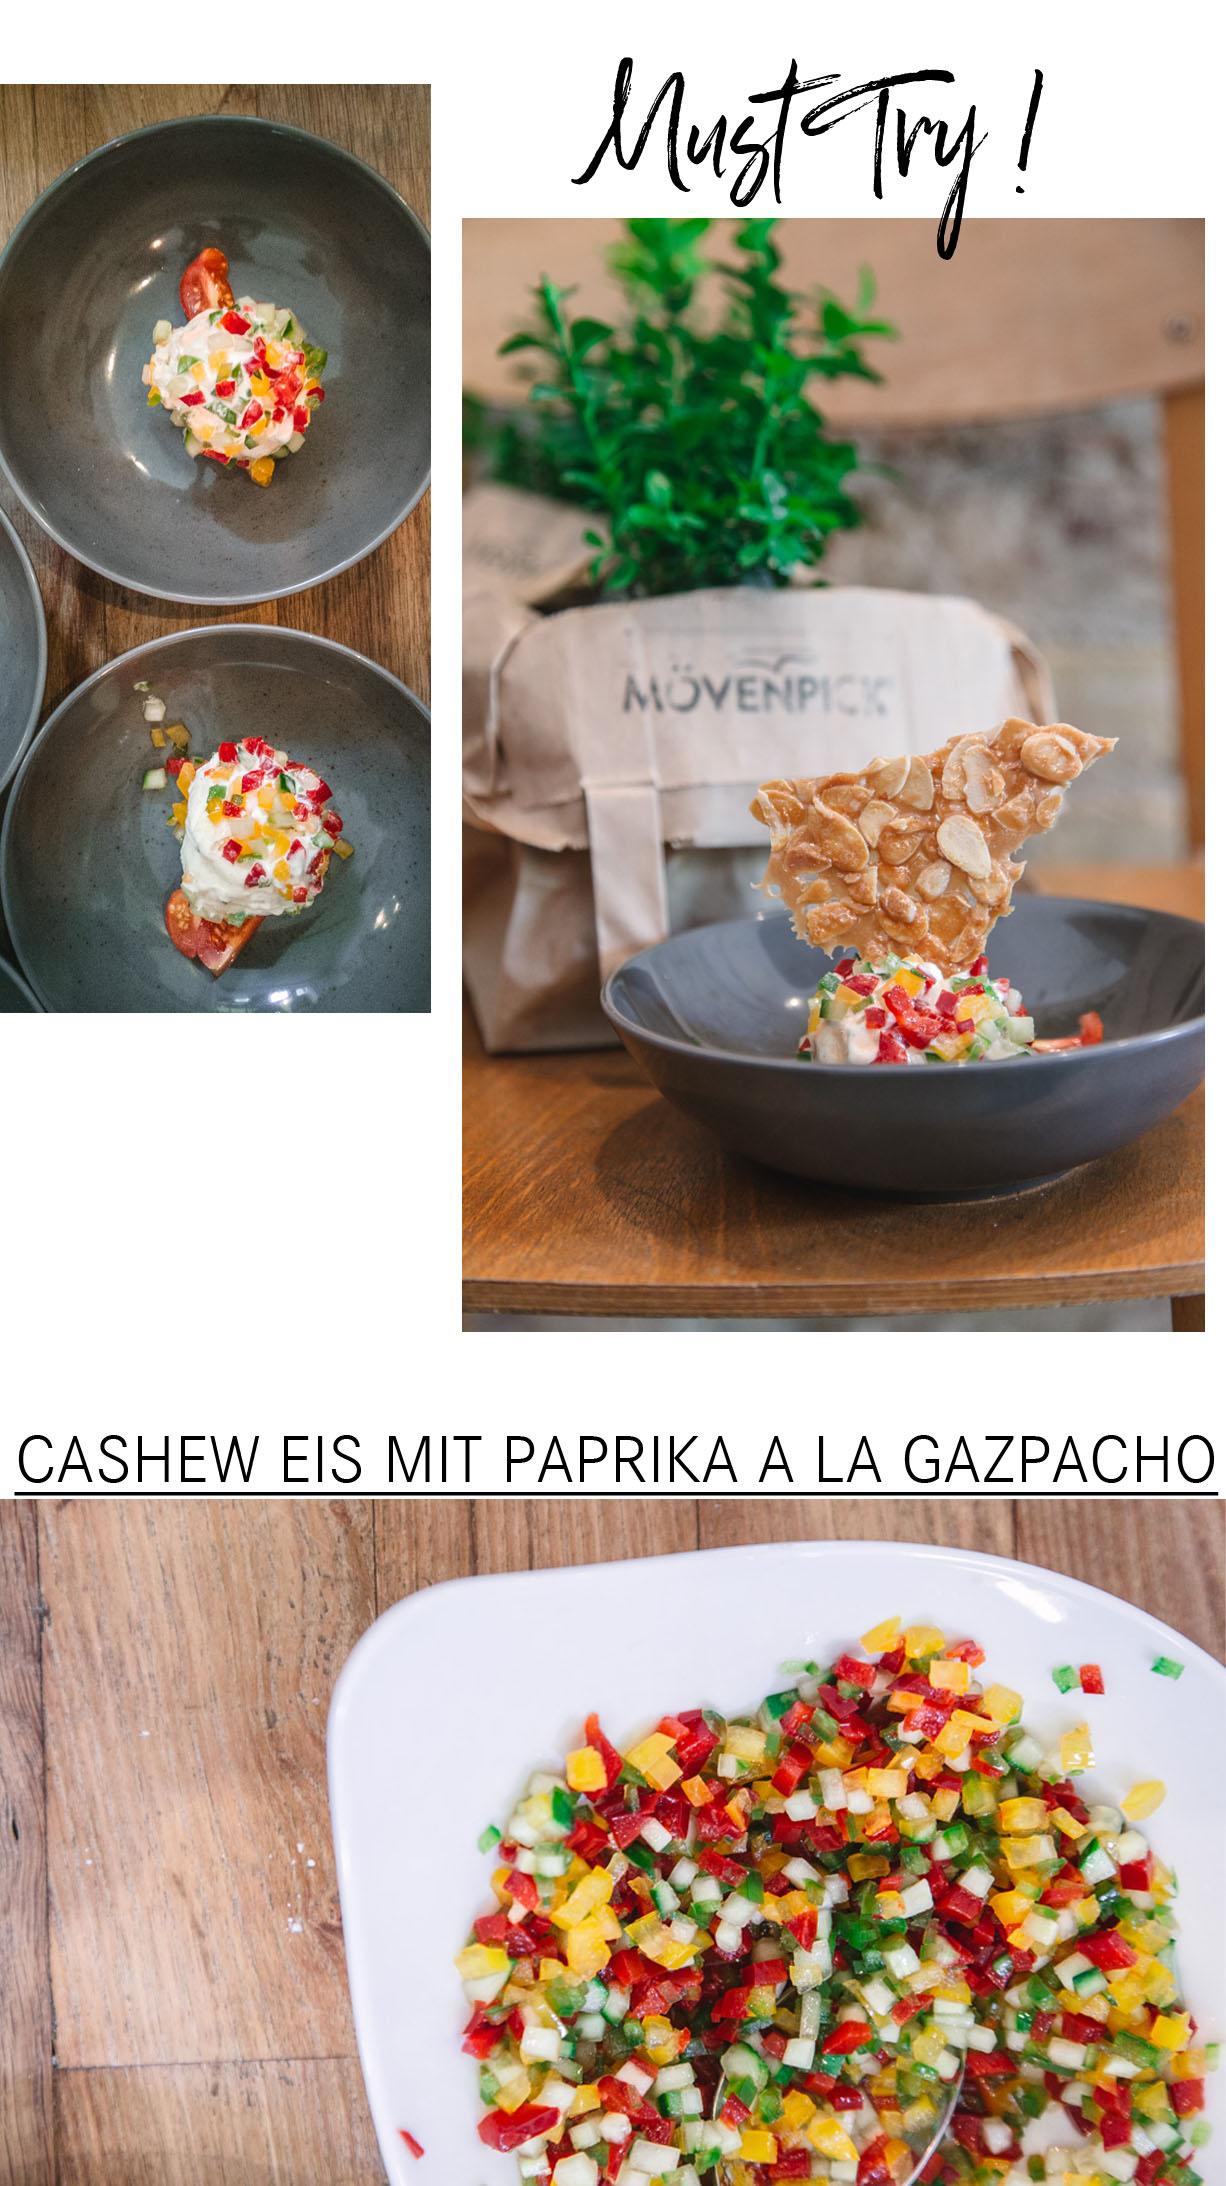 Cashew Vanille Eis mit Paprika